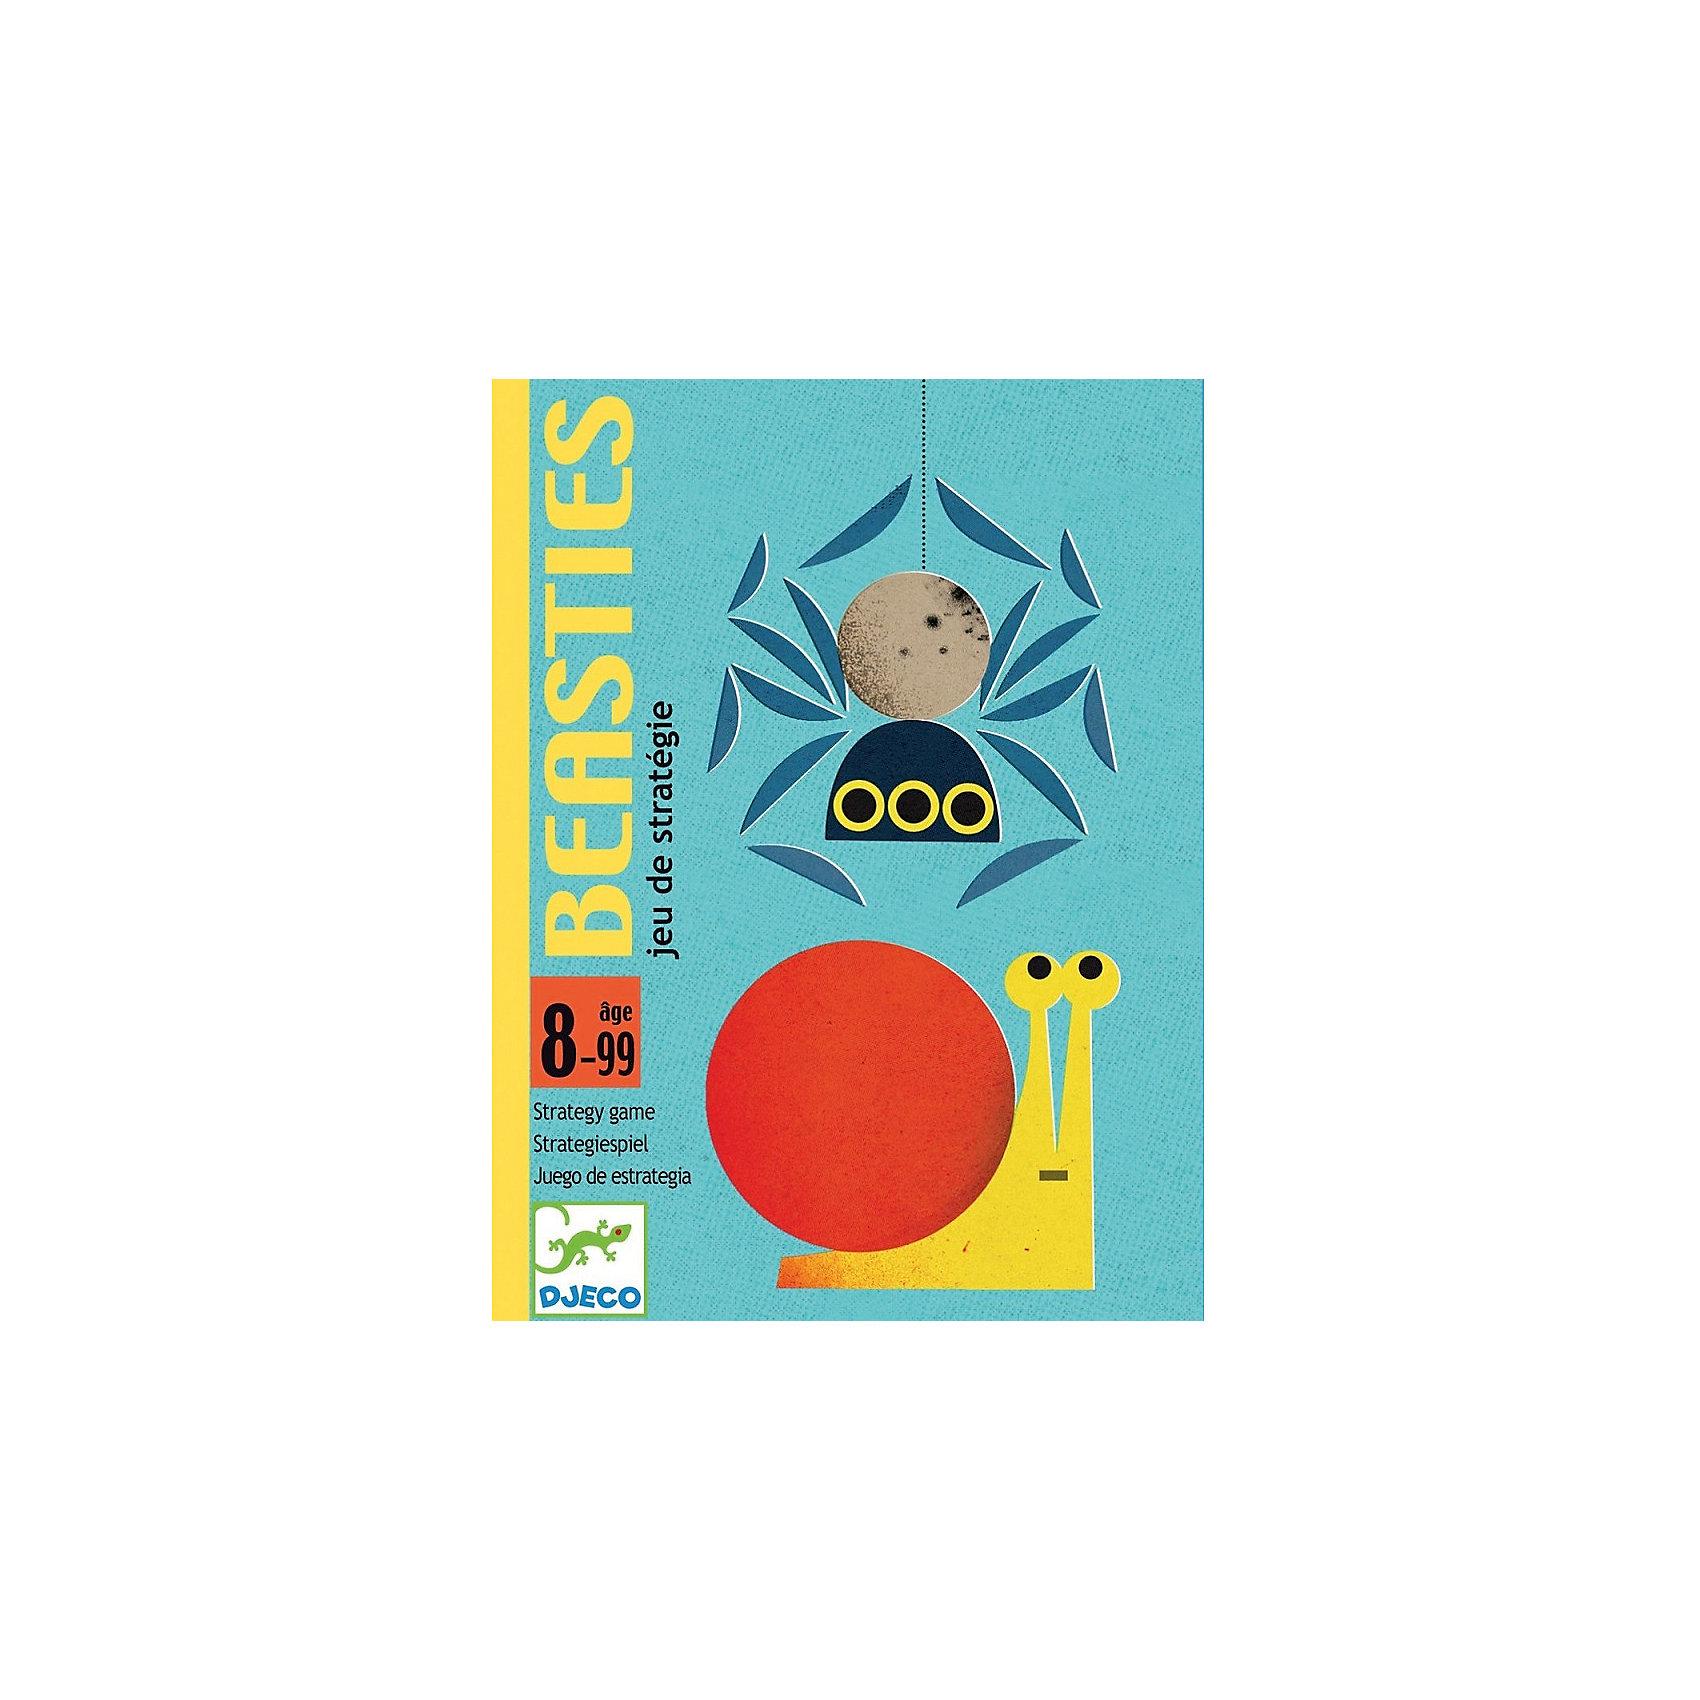 DJECO Карточная игра Насекомые, DJECO настольные игры djeco настольная карточная игра мистибоо